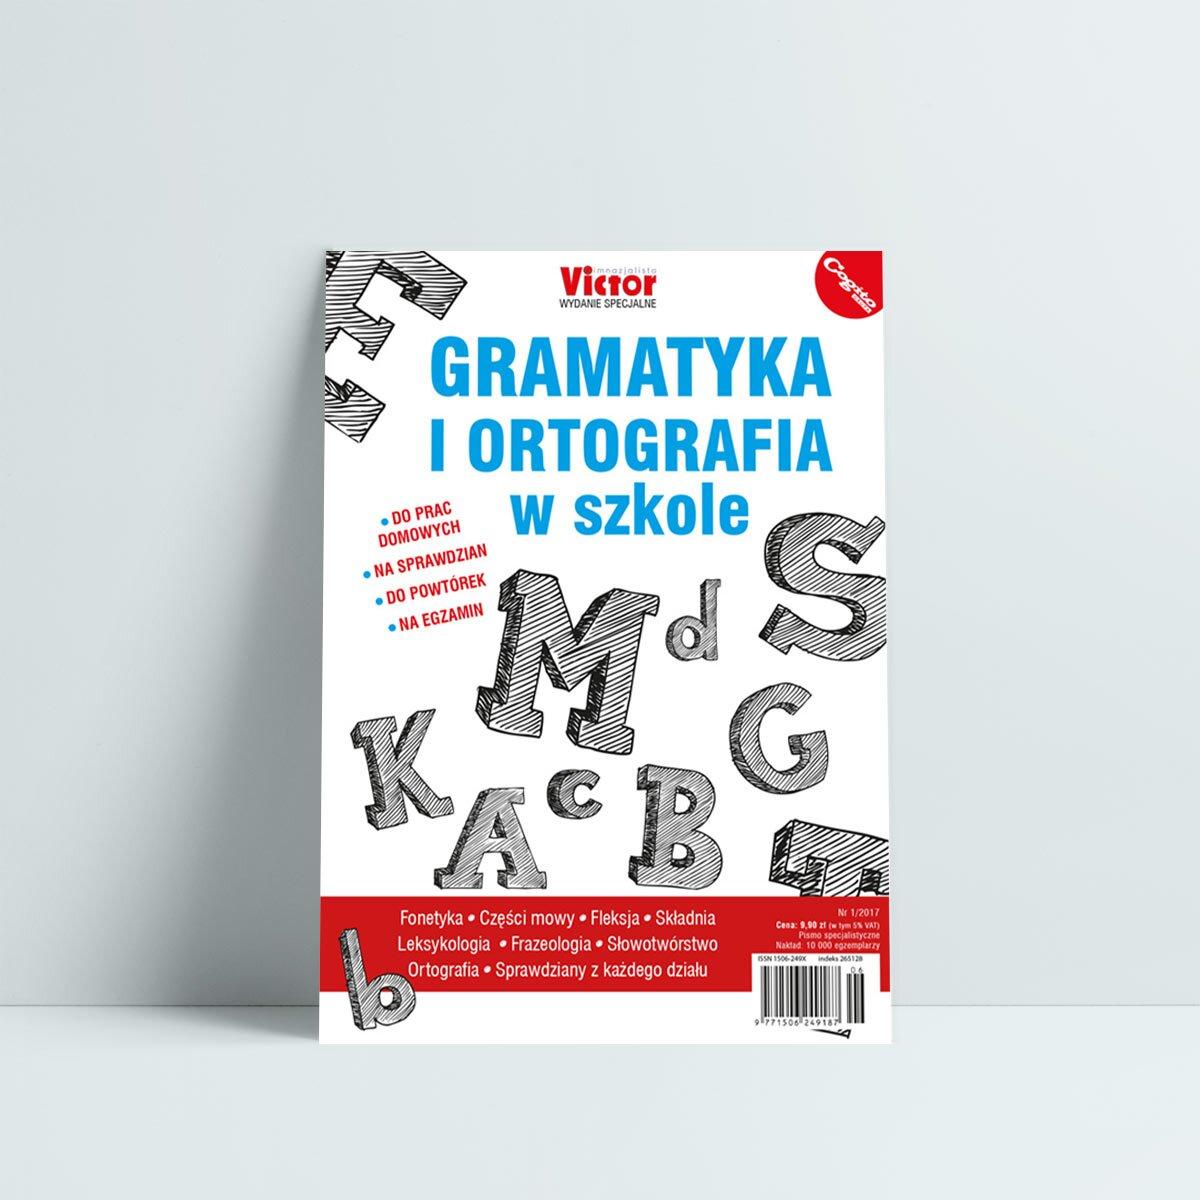 Gramatyka i ortografia w szkole do prac domowych na sprawdzian do powtórek na egzamin